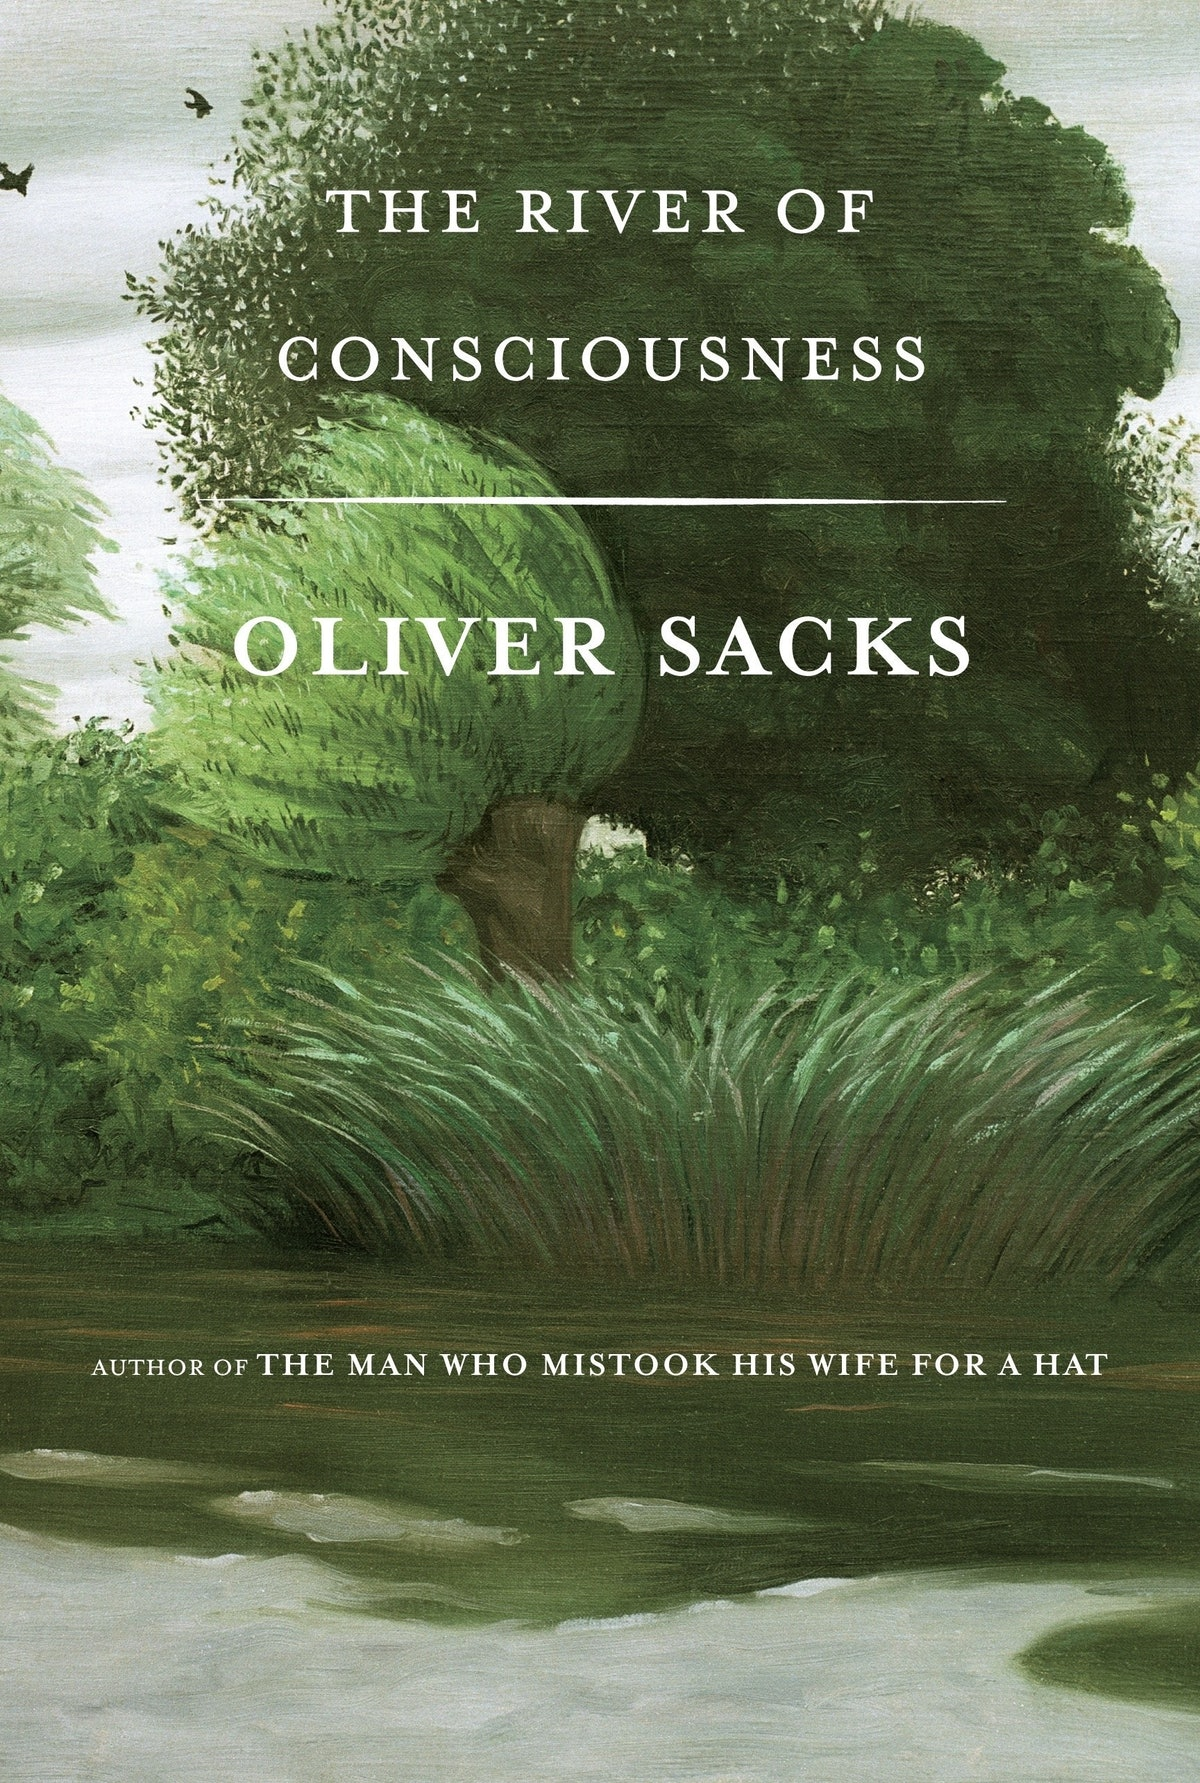 Oliver Sacks - The River of Consciousness.jpg